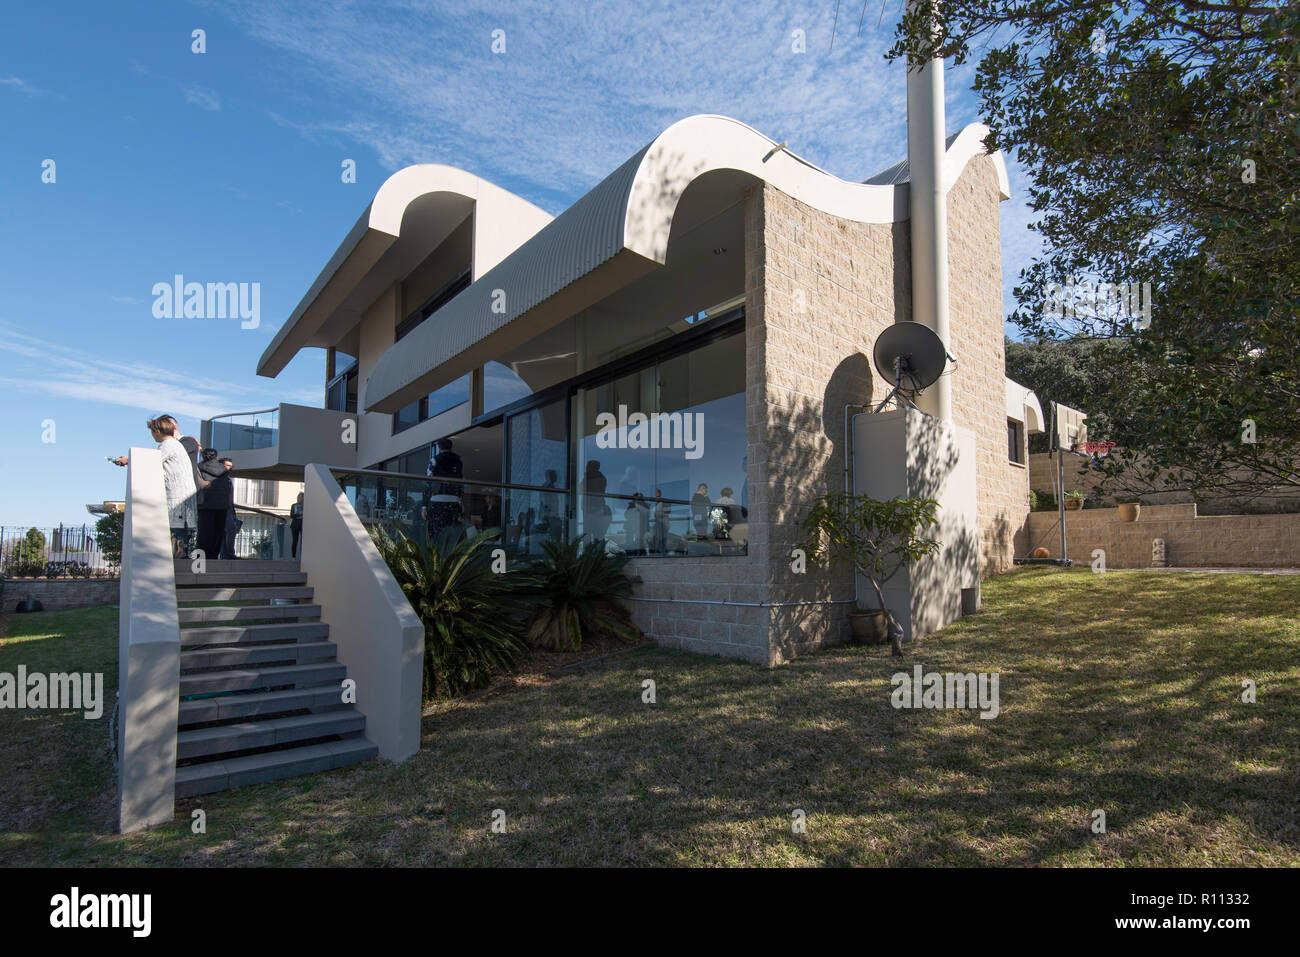 Un contemporaneo Harry Seidler progettato home in Hunters Hill, Sydney Australia con andamento curvilineo tetto in acciaio Immagini Stock